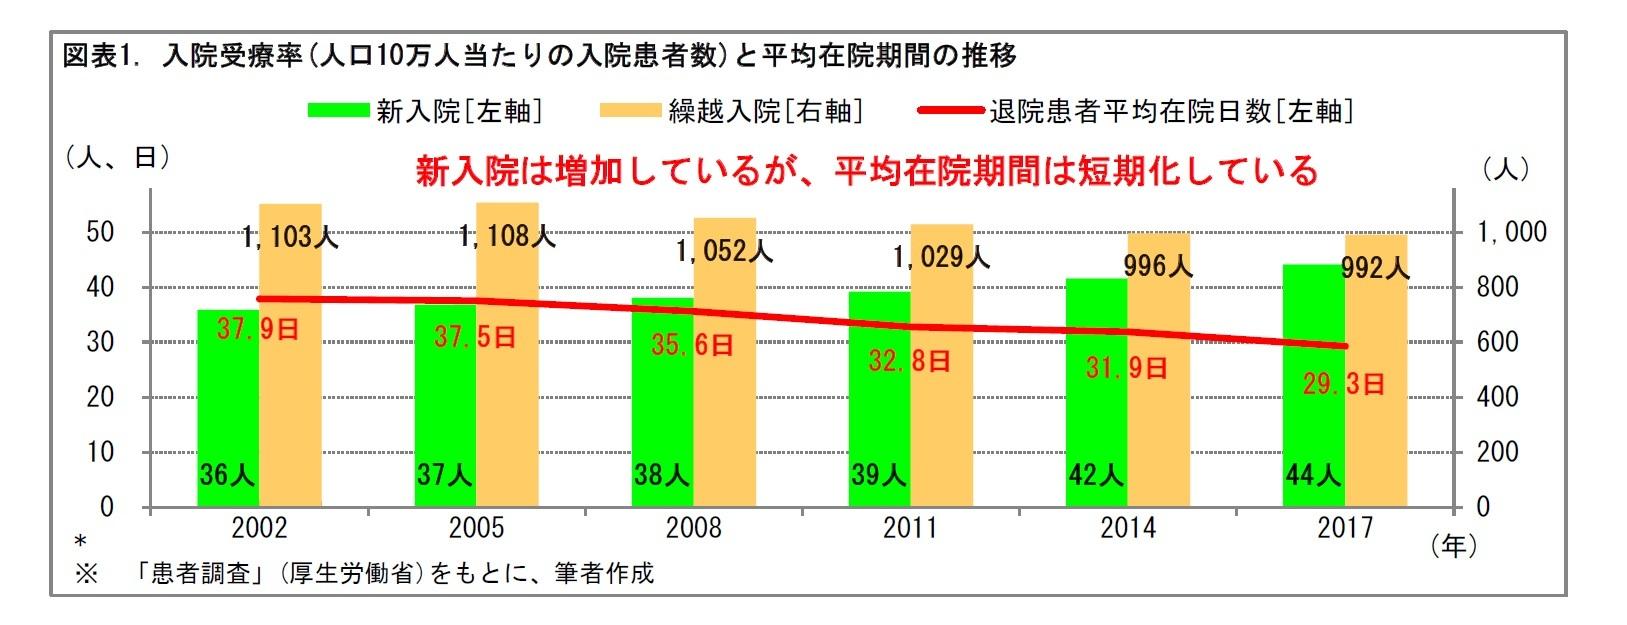 図表1. 入院受療率(人口10万人当たりの入院患者数)と平均在院期間の推移